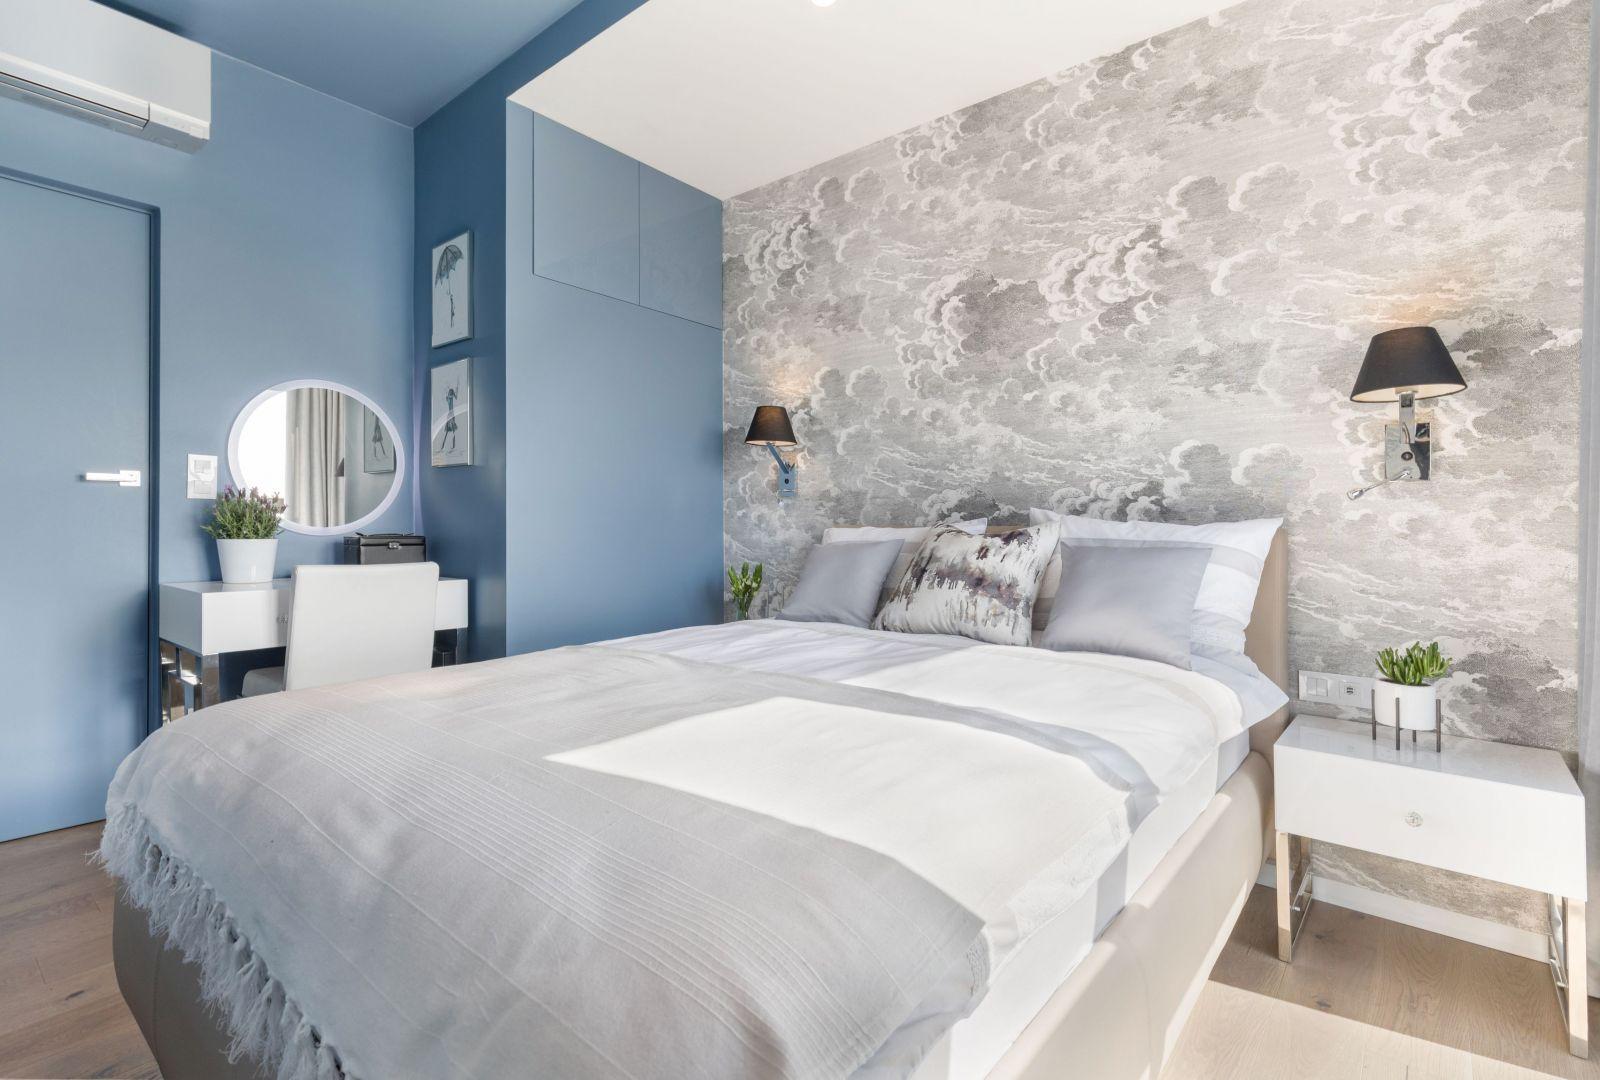 Niebieska, chłodna sypialnia to idealny pomysł na letnią metamorfozę! Projekt i zdjęcia: Monika Staniec